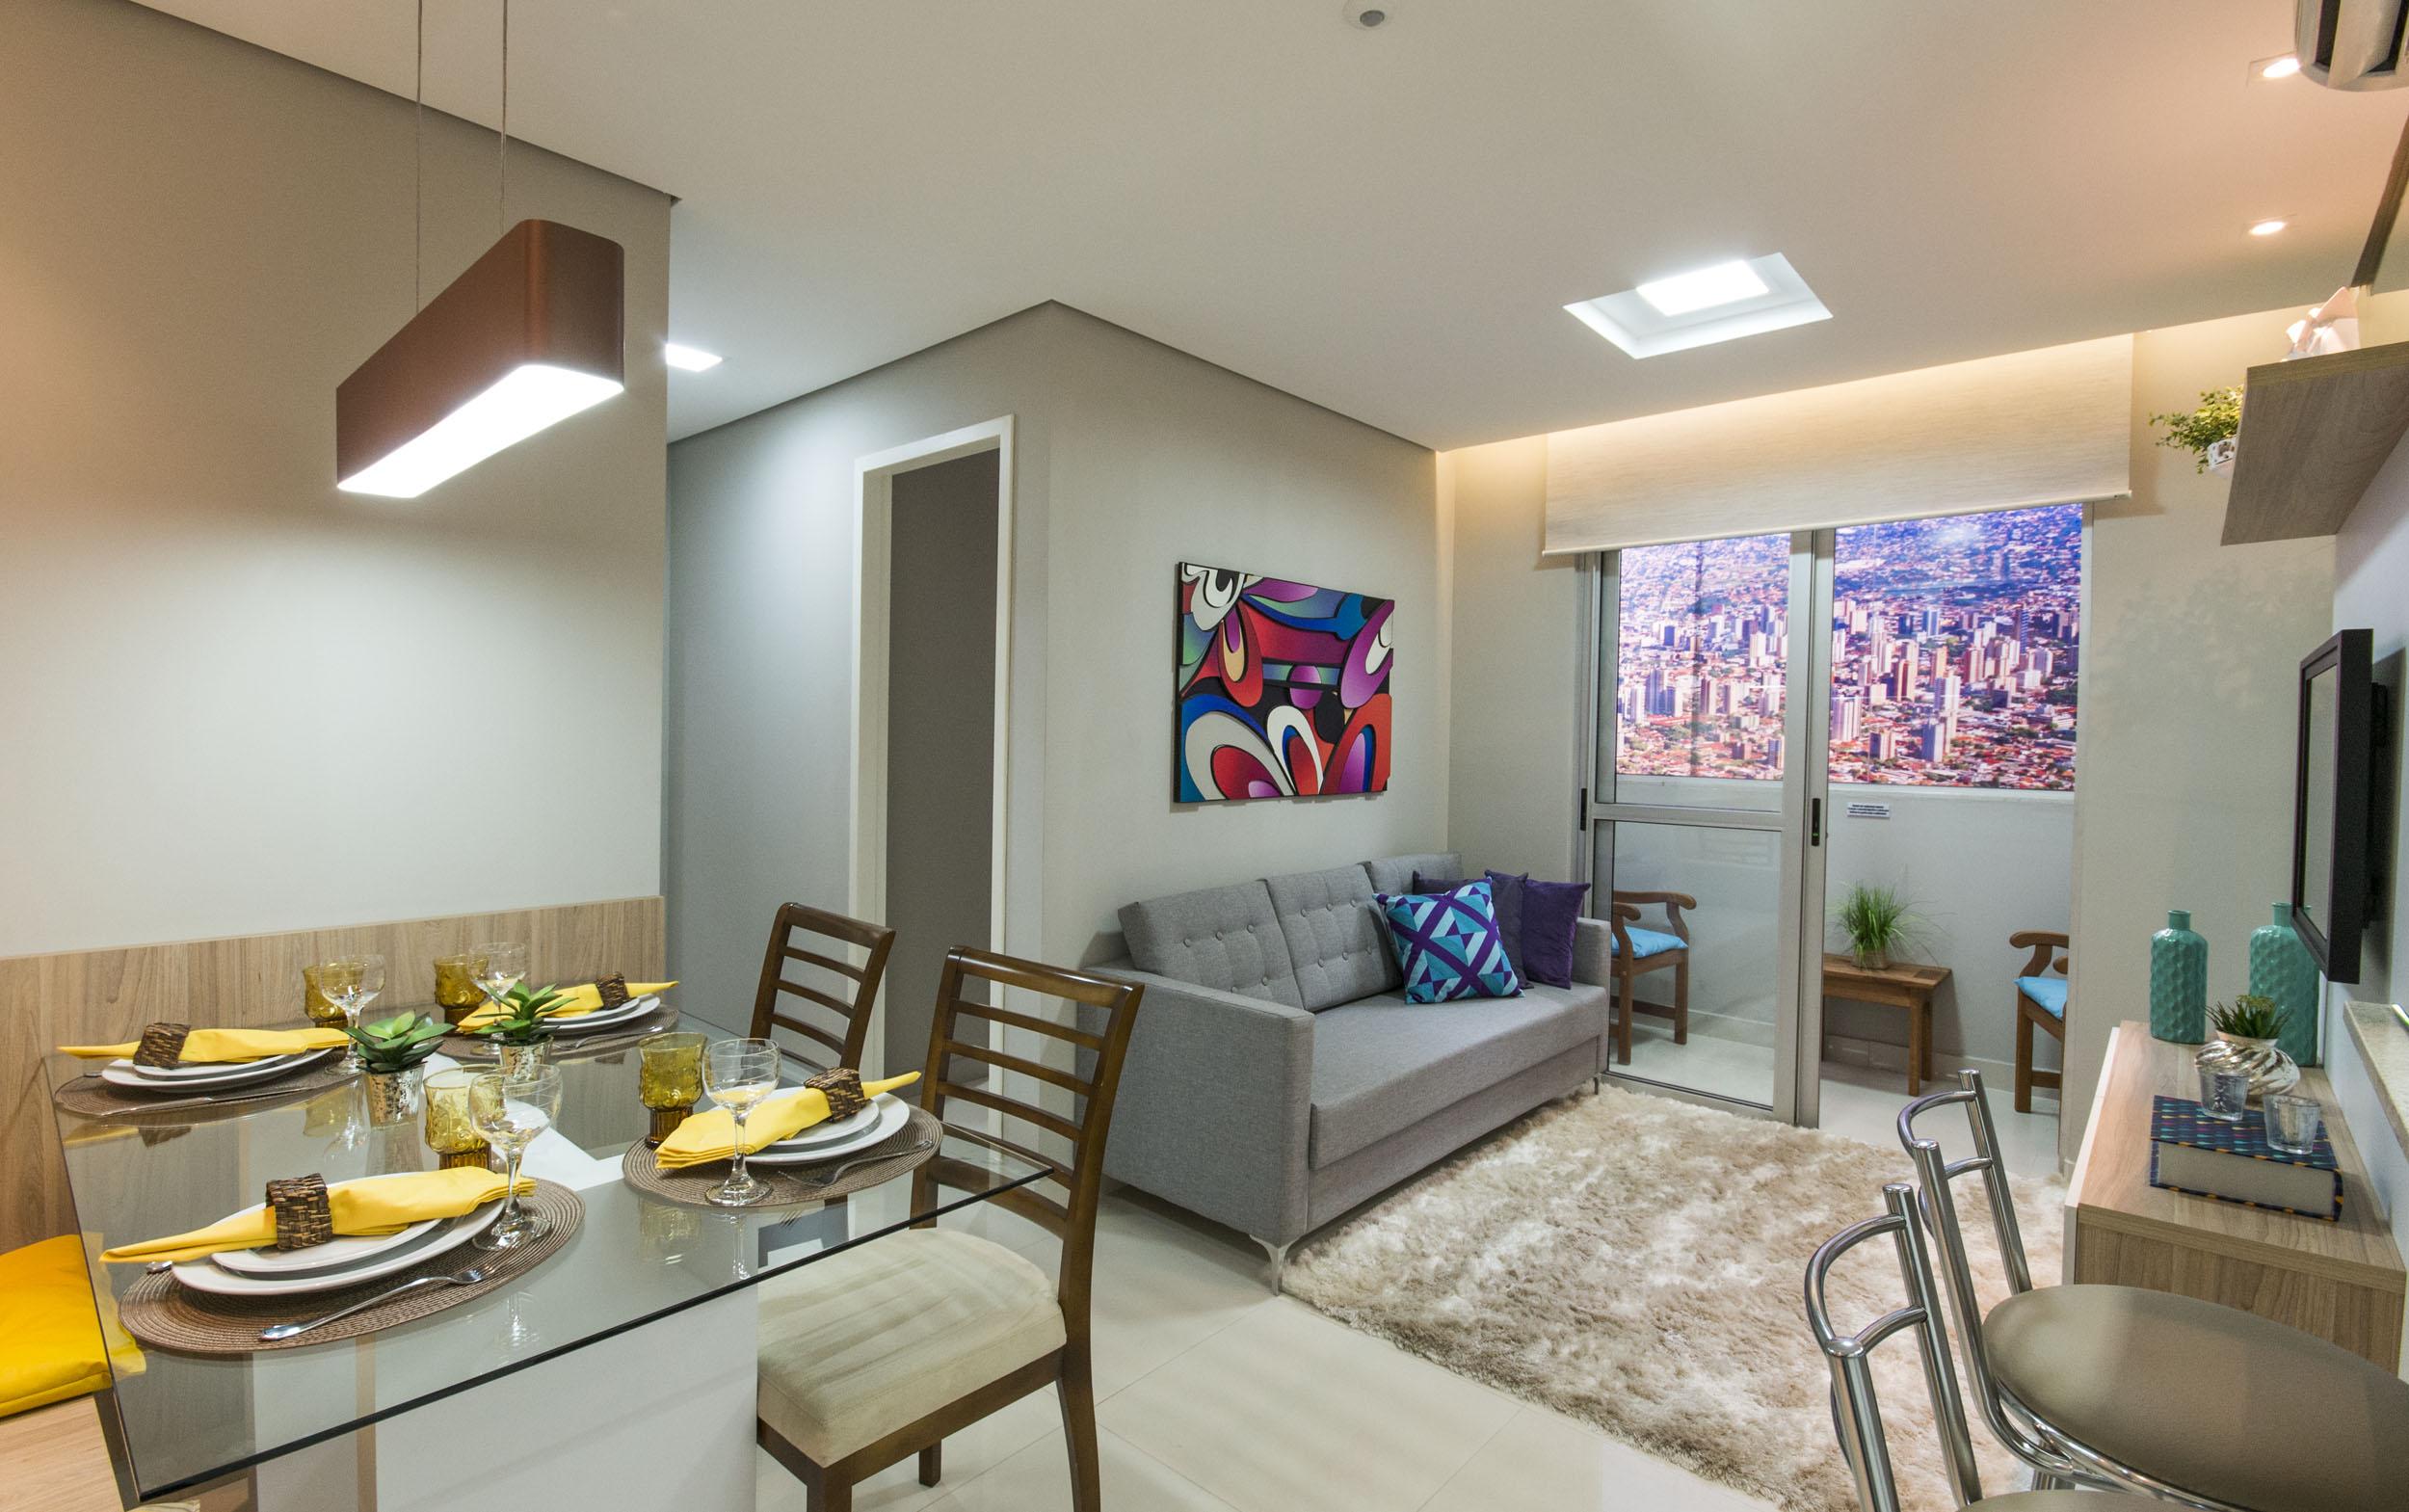 Decora O De Apartamento 60 Ideias Com Fotos E Projetos -> Apartamento Mrv Decorado Fotos